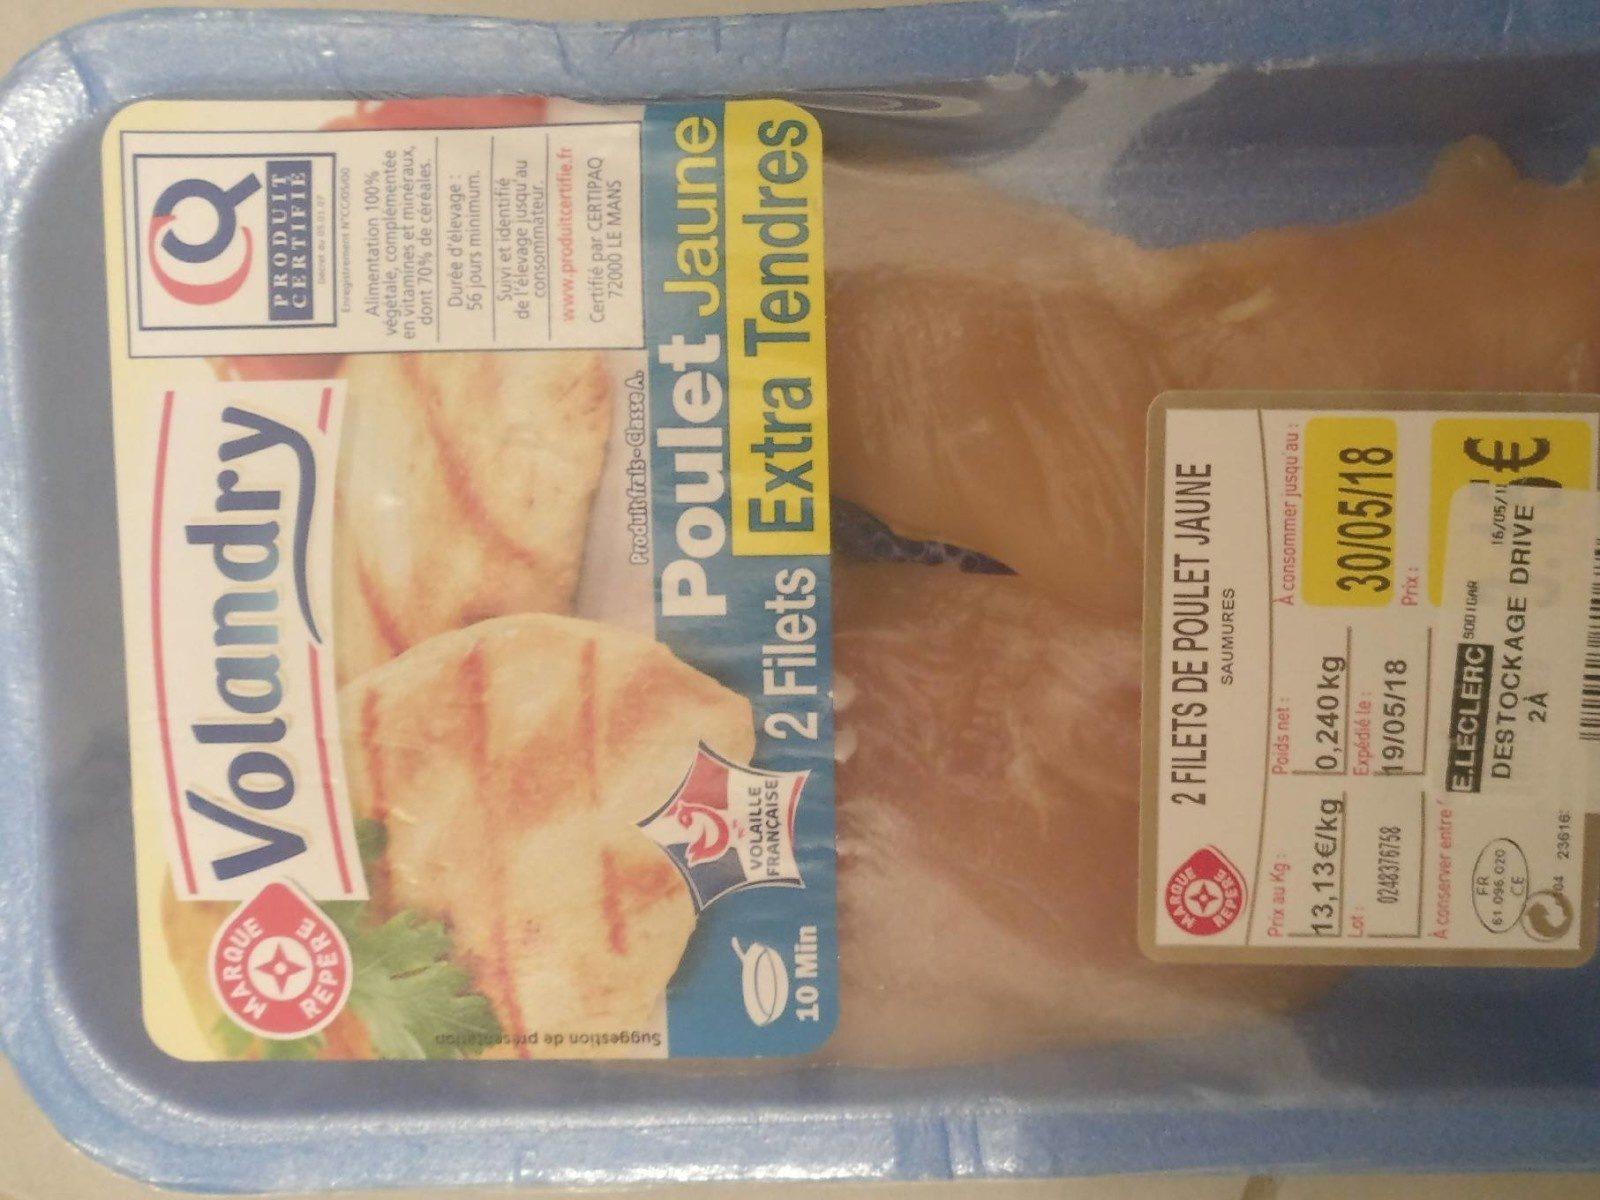 Filets poulet jaunes Extra Tendre - Produit - fr